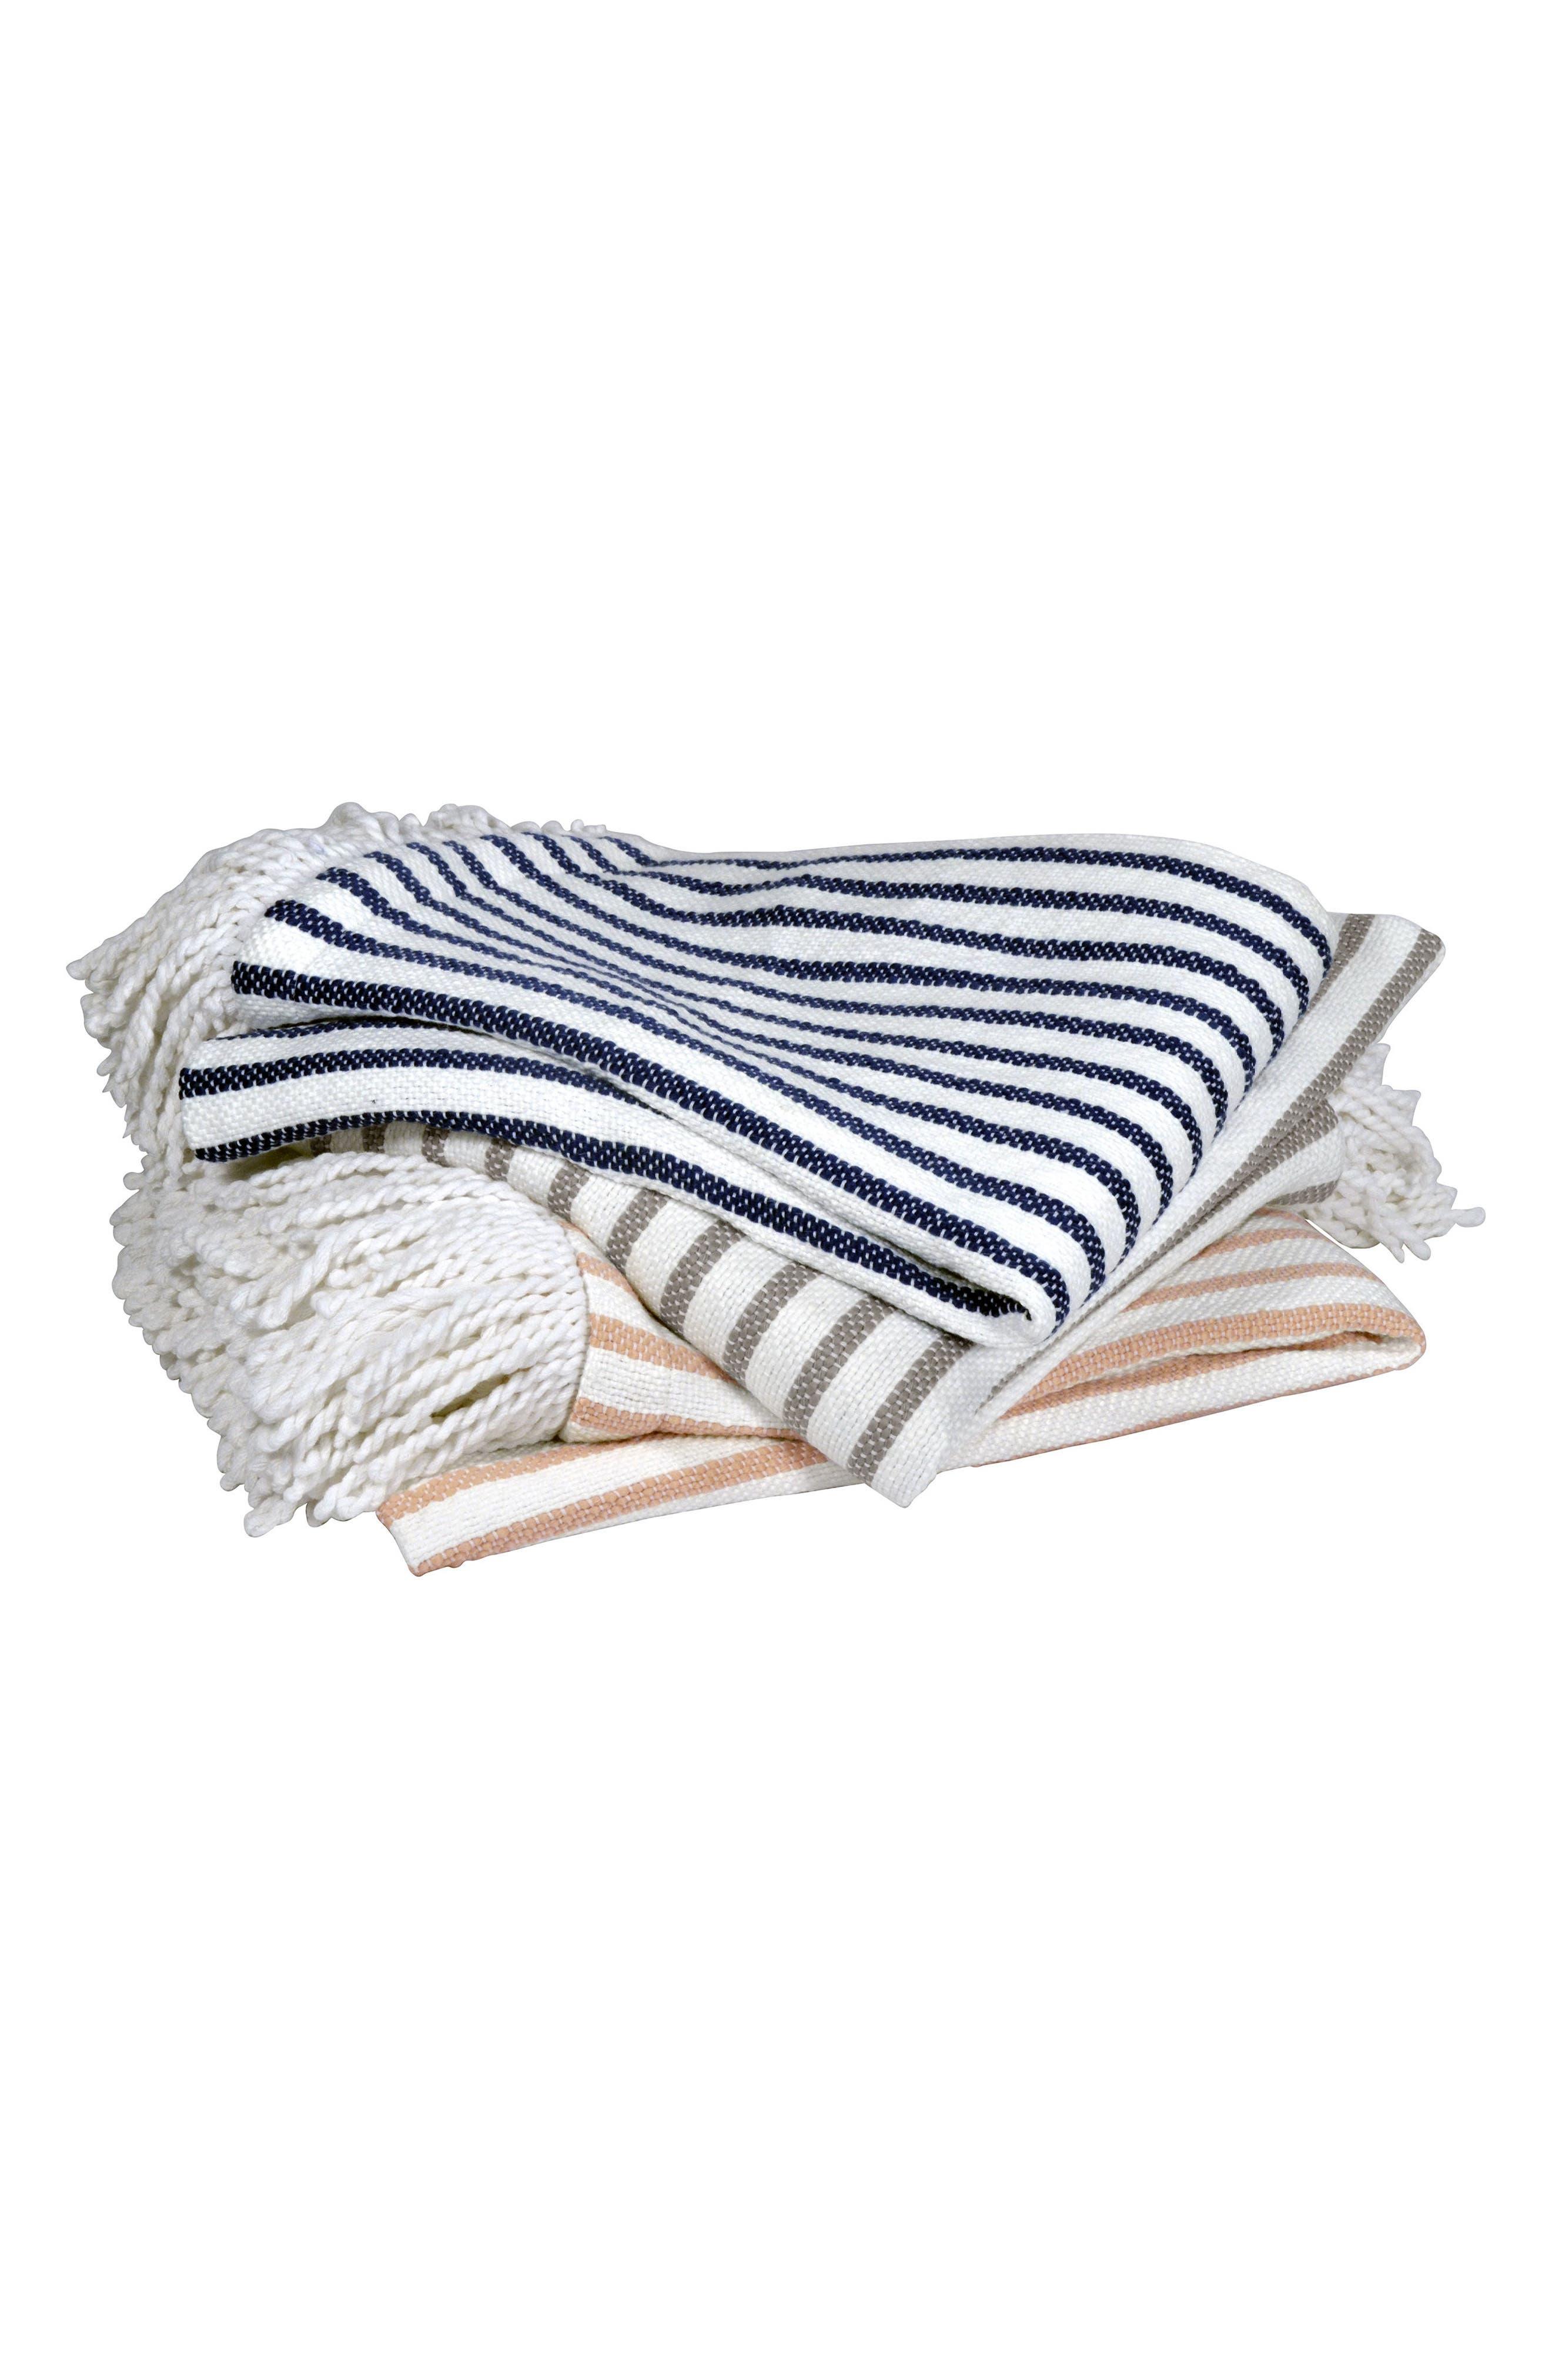 Fringe Throw Blanket,                             Alternate thumbnail 2, color,                             GREY/ WHITE